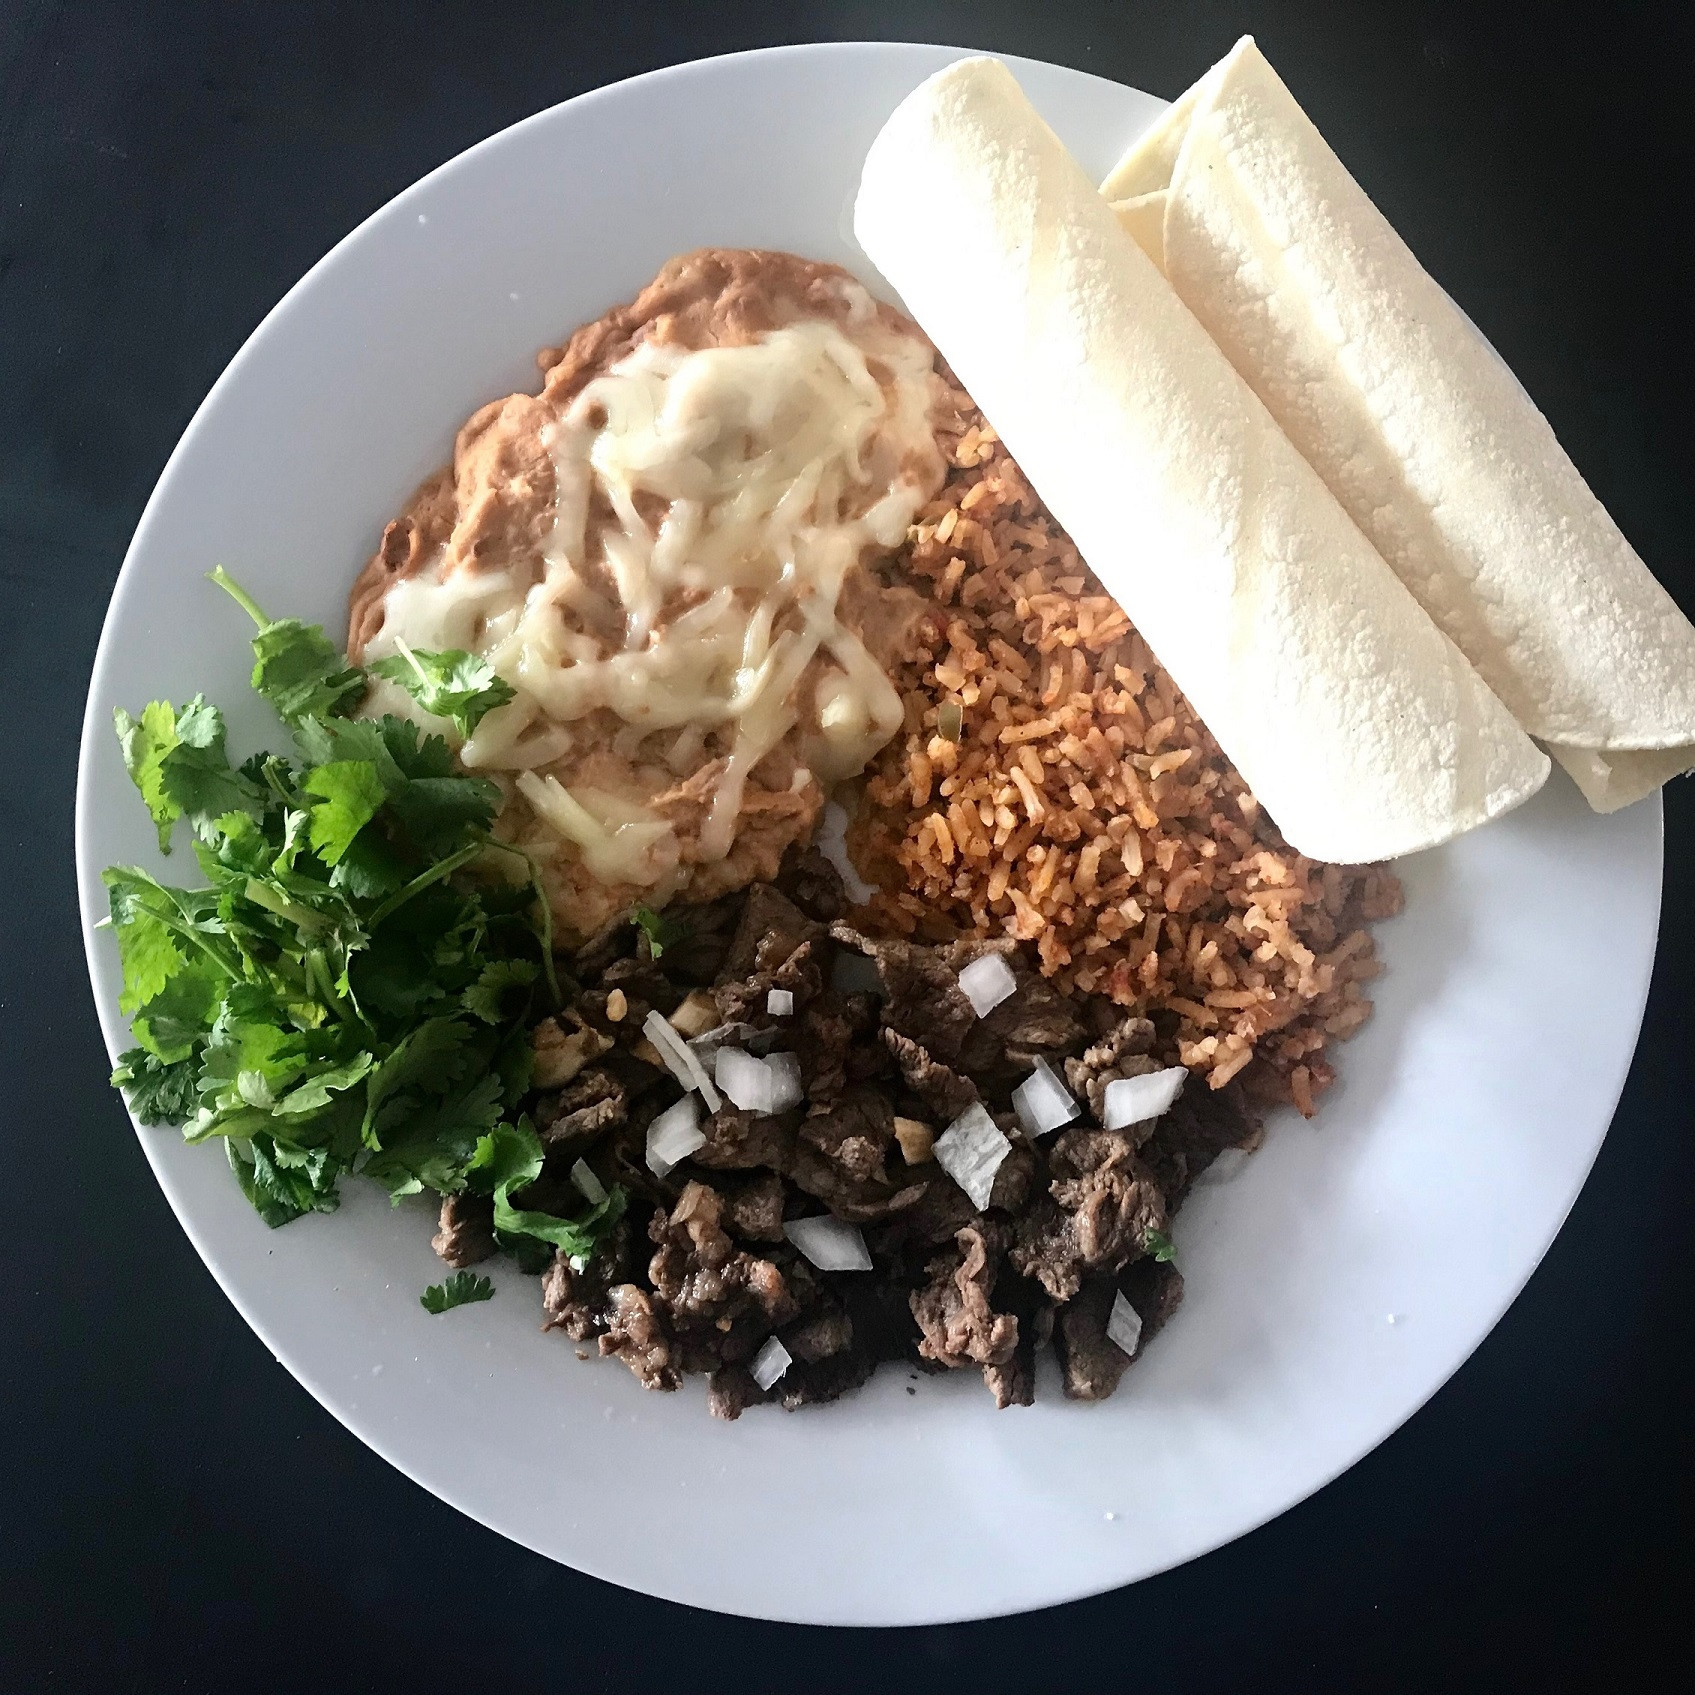 Beef - Carne Asada